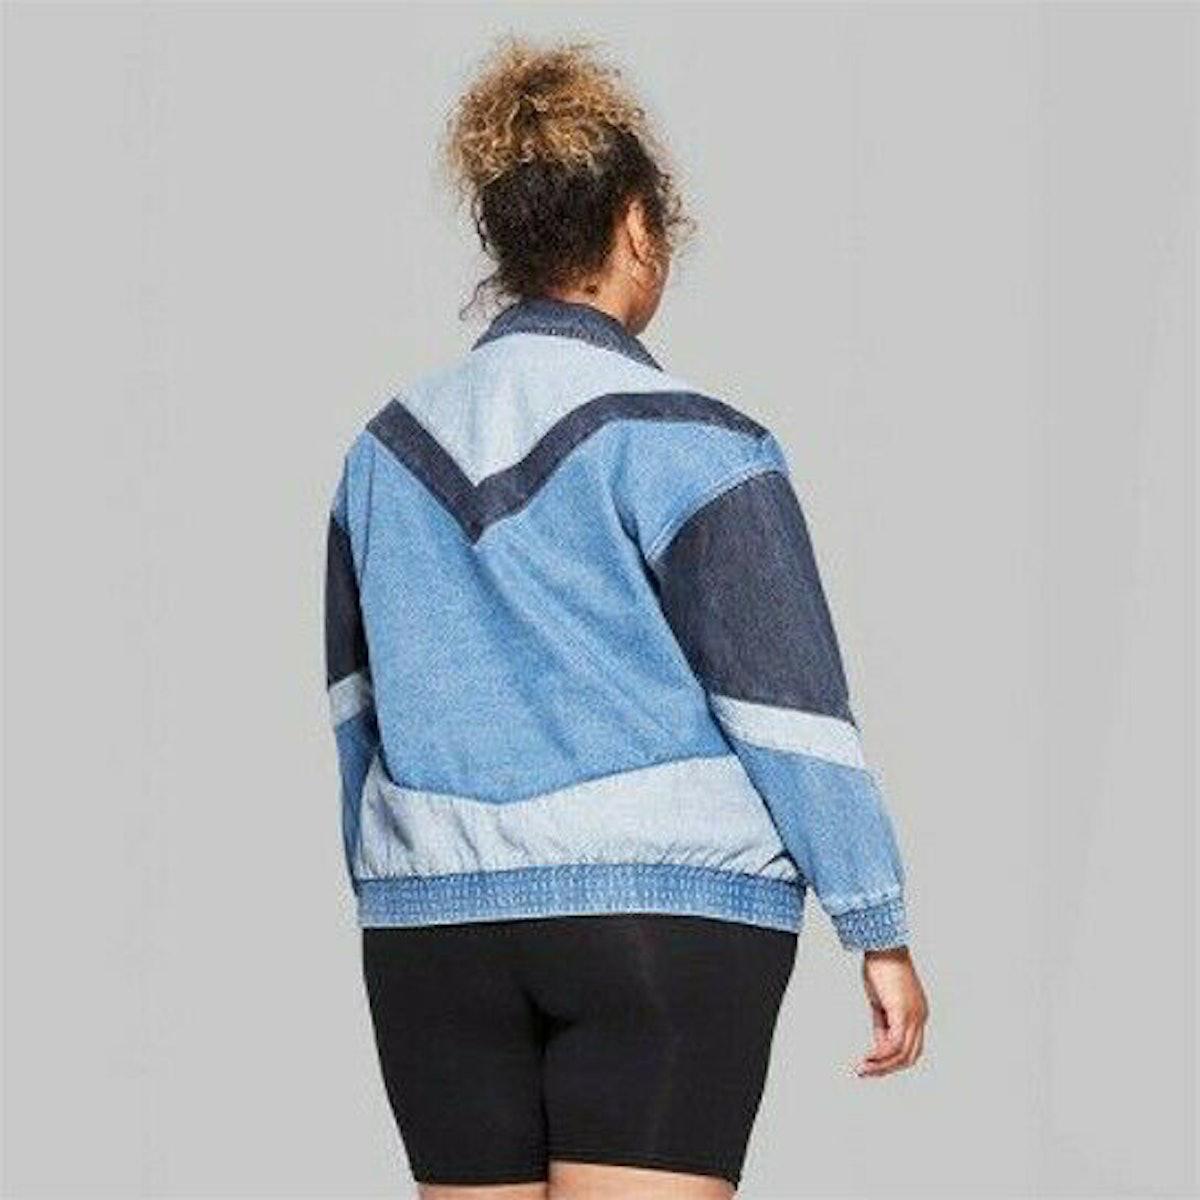 Wild Fable Women's Colorblocked Denim Jean Trucker Jacket